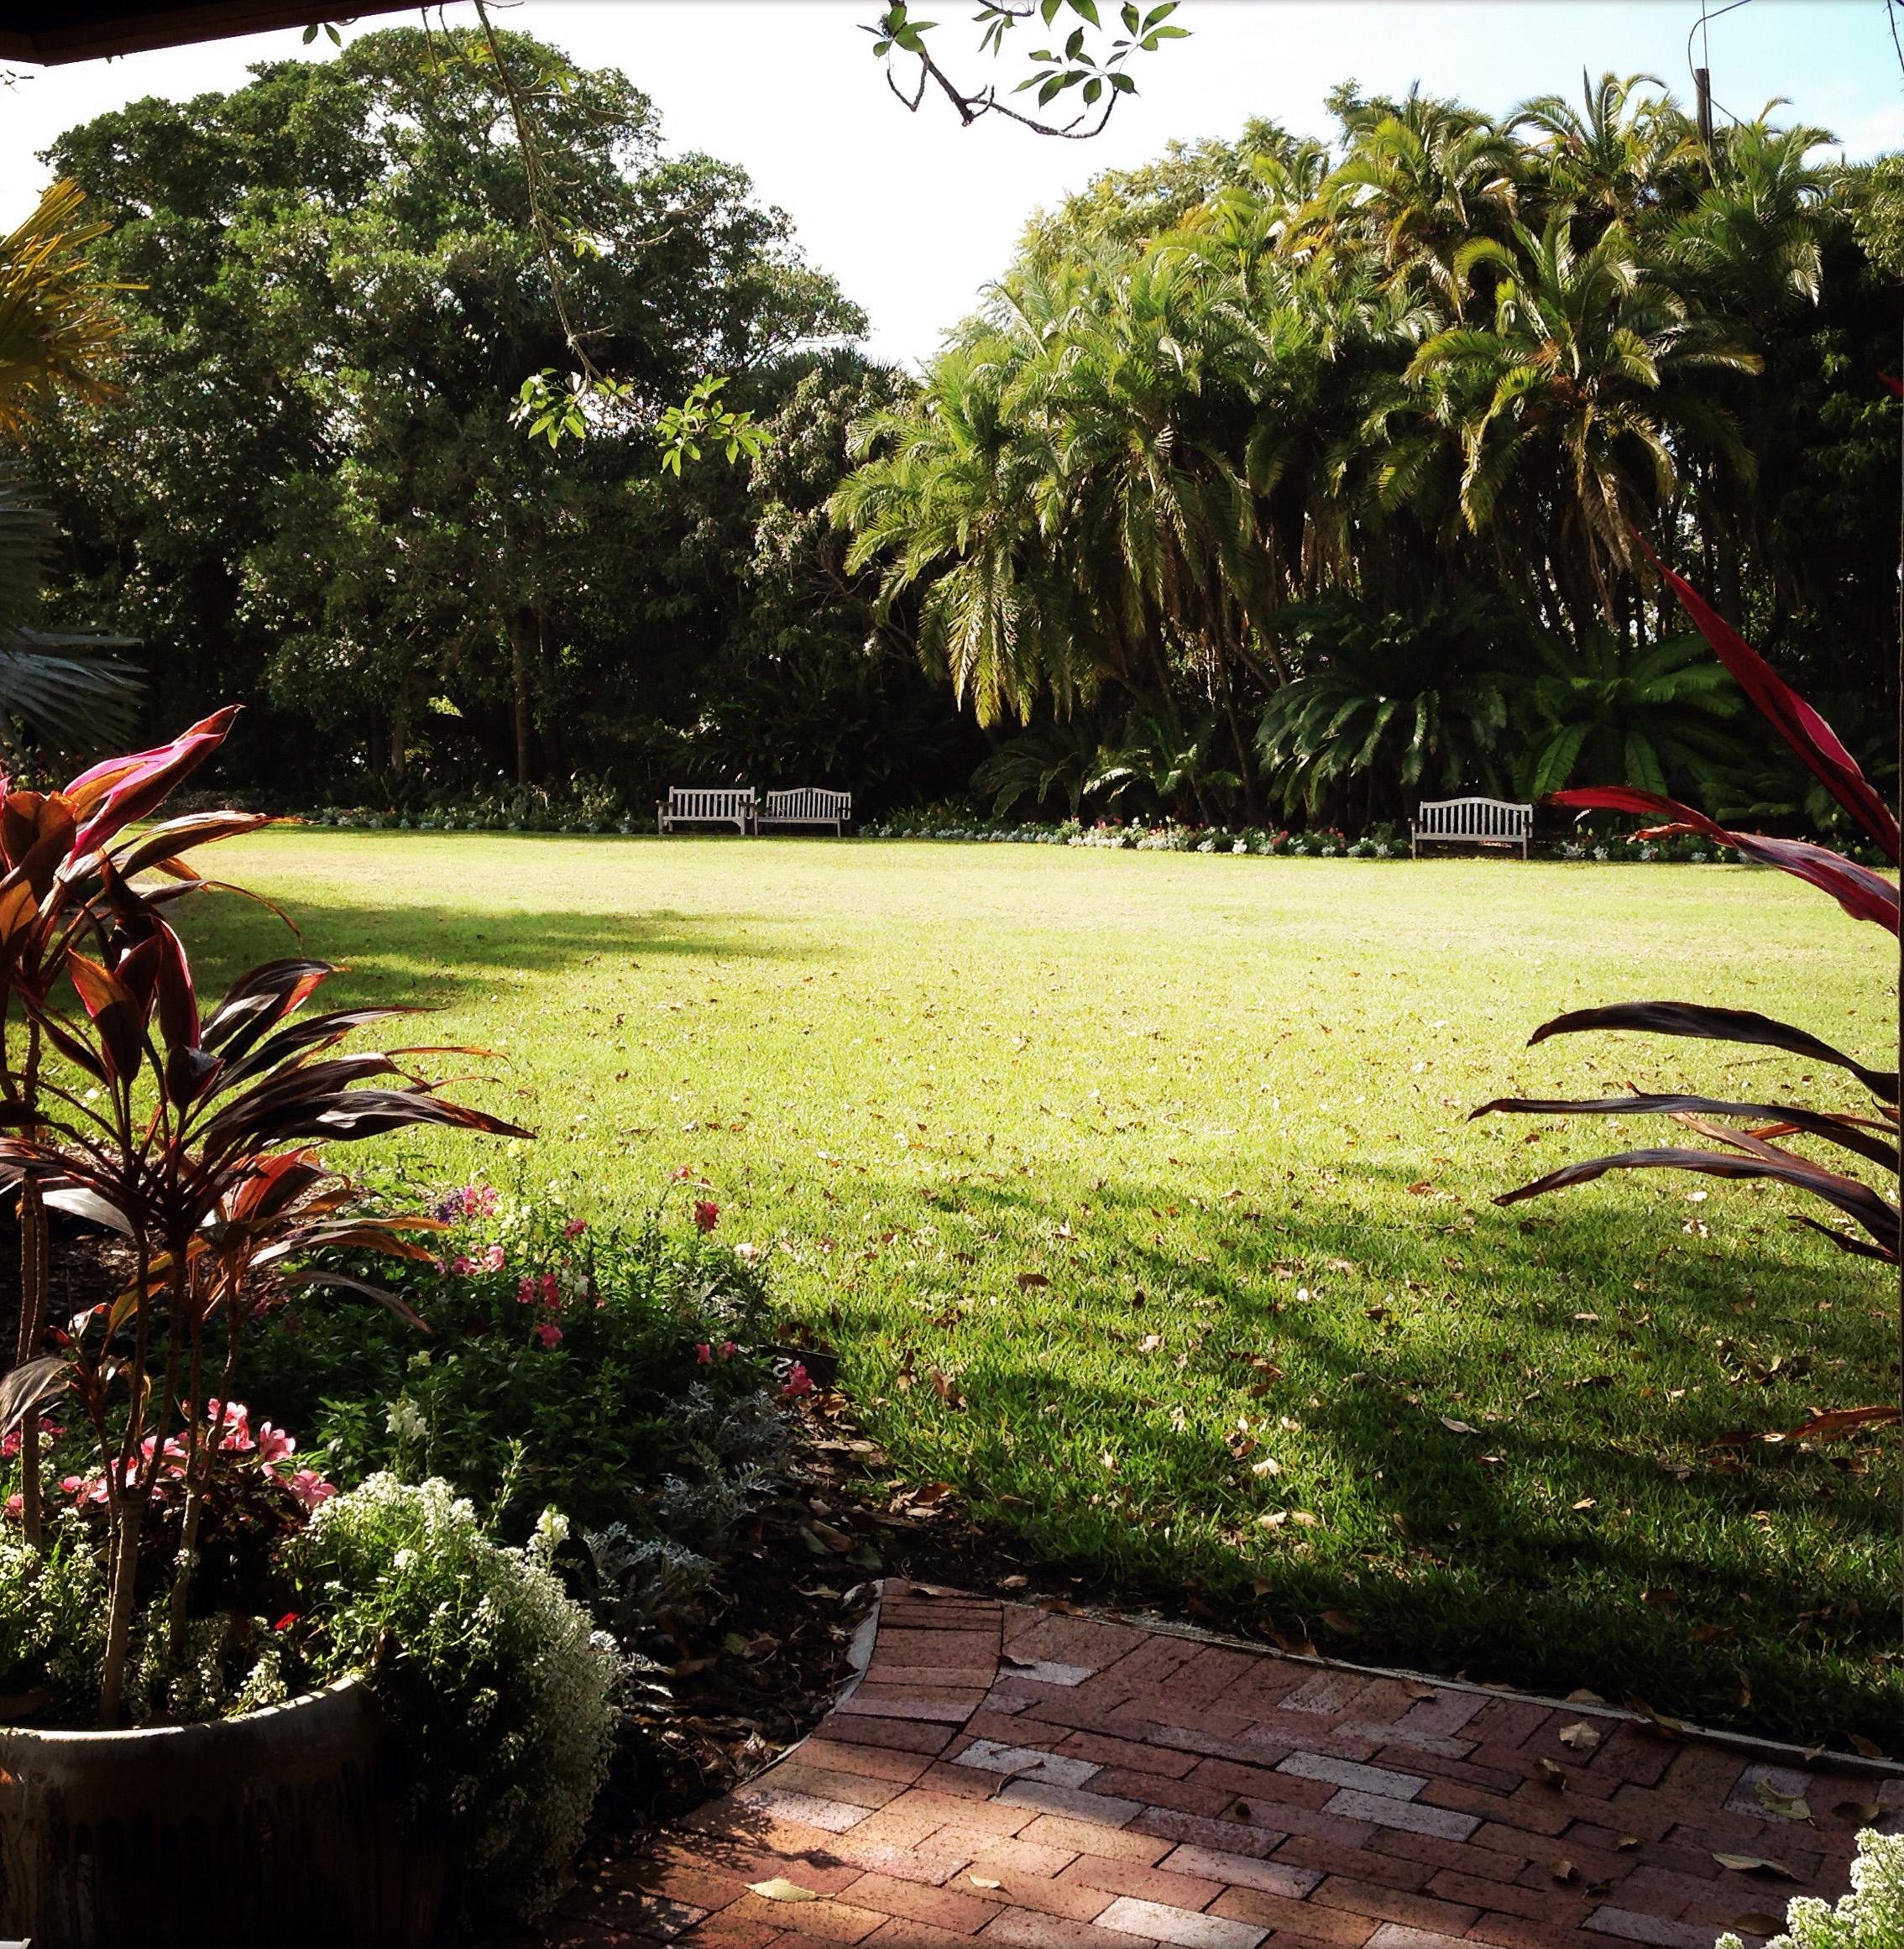 Picnic Lawn